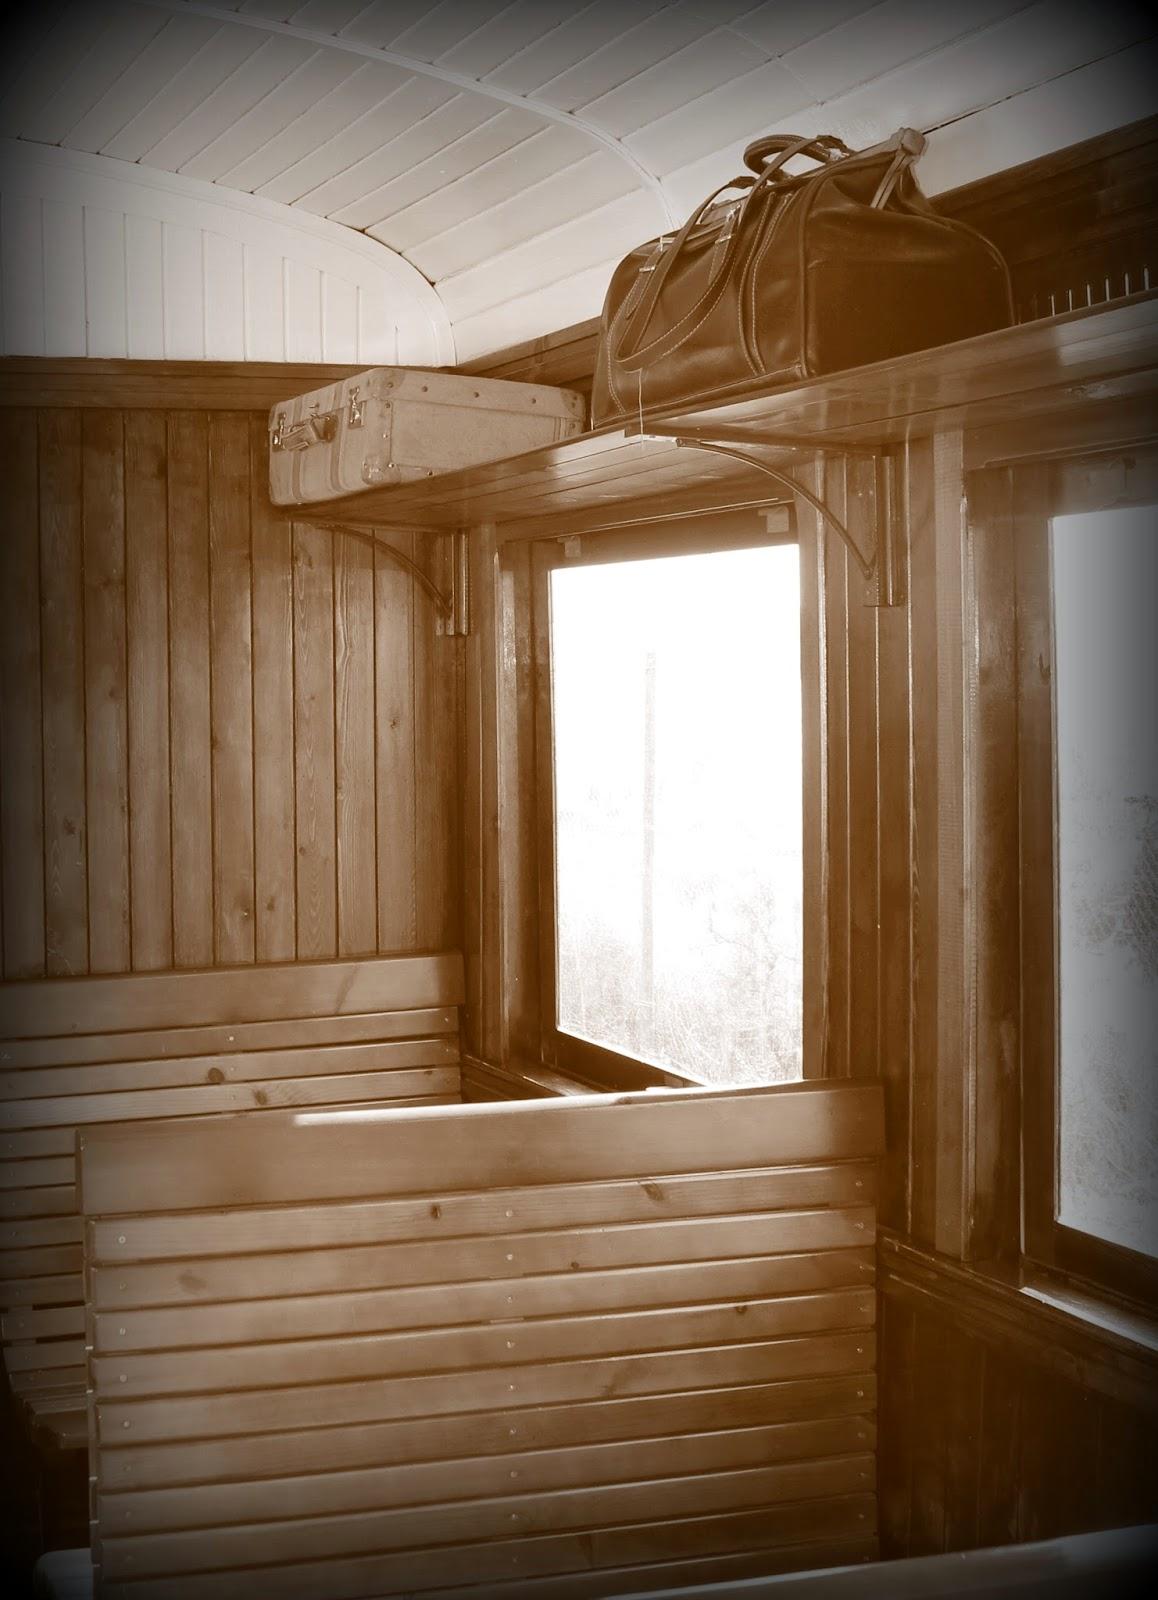 Interior vagón tajuña del tren de vapor